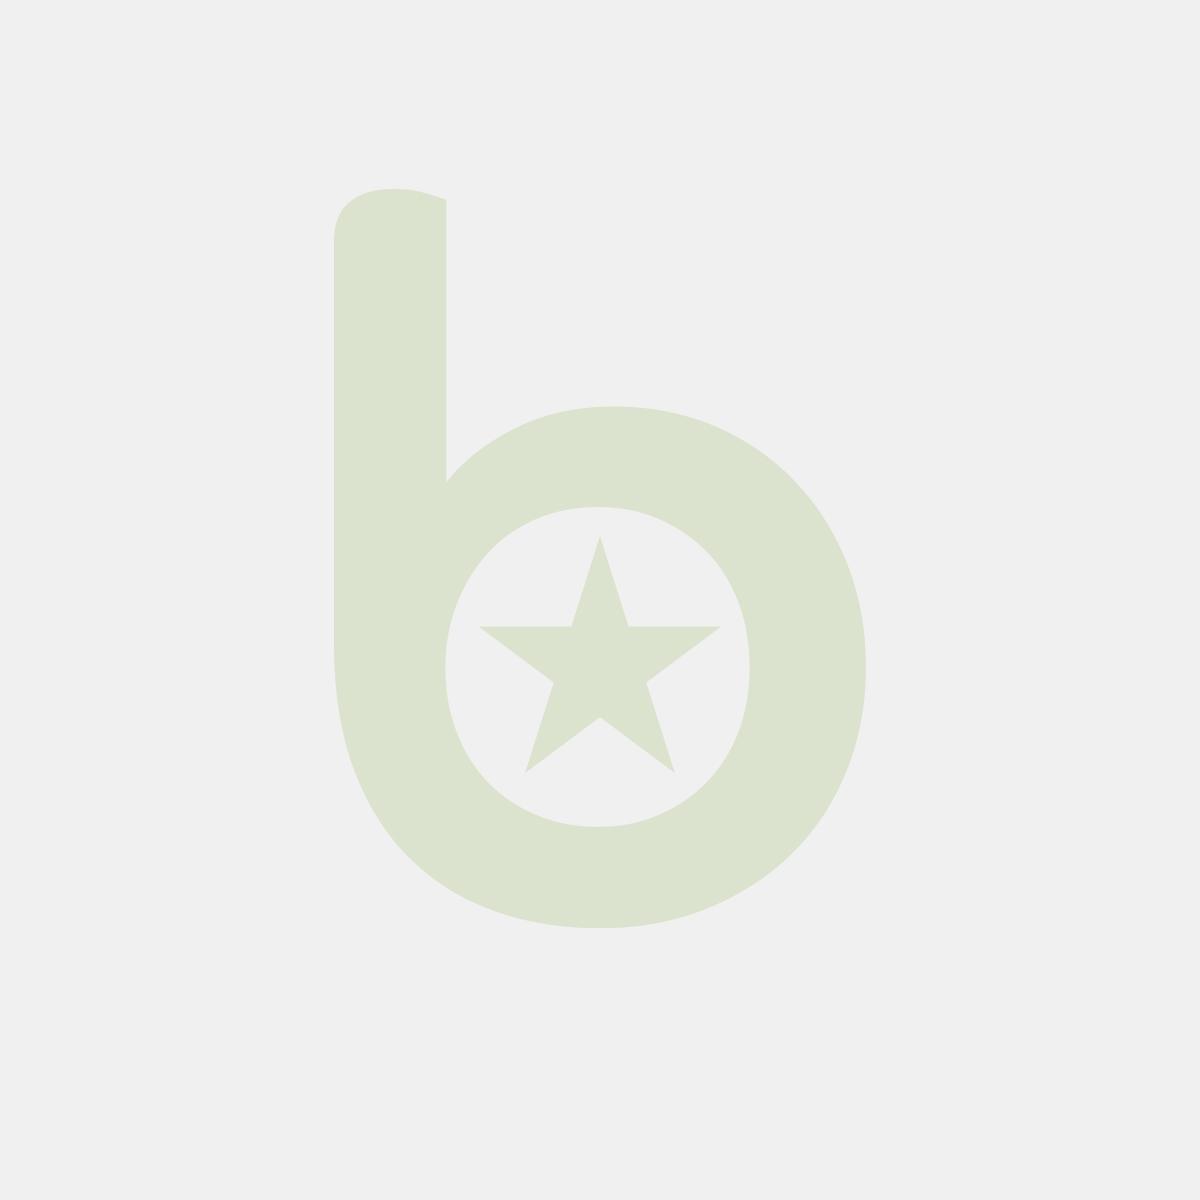 Koszyk z polirattanu GN1/3 32,5x17,5x10 czarny